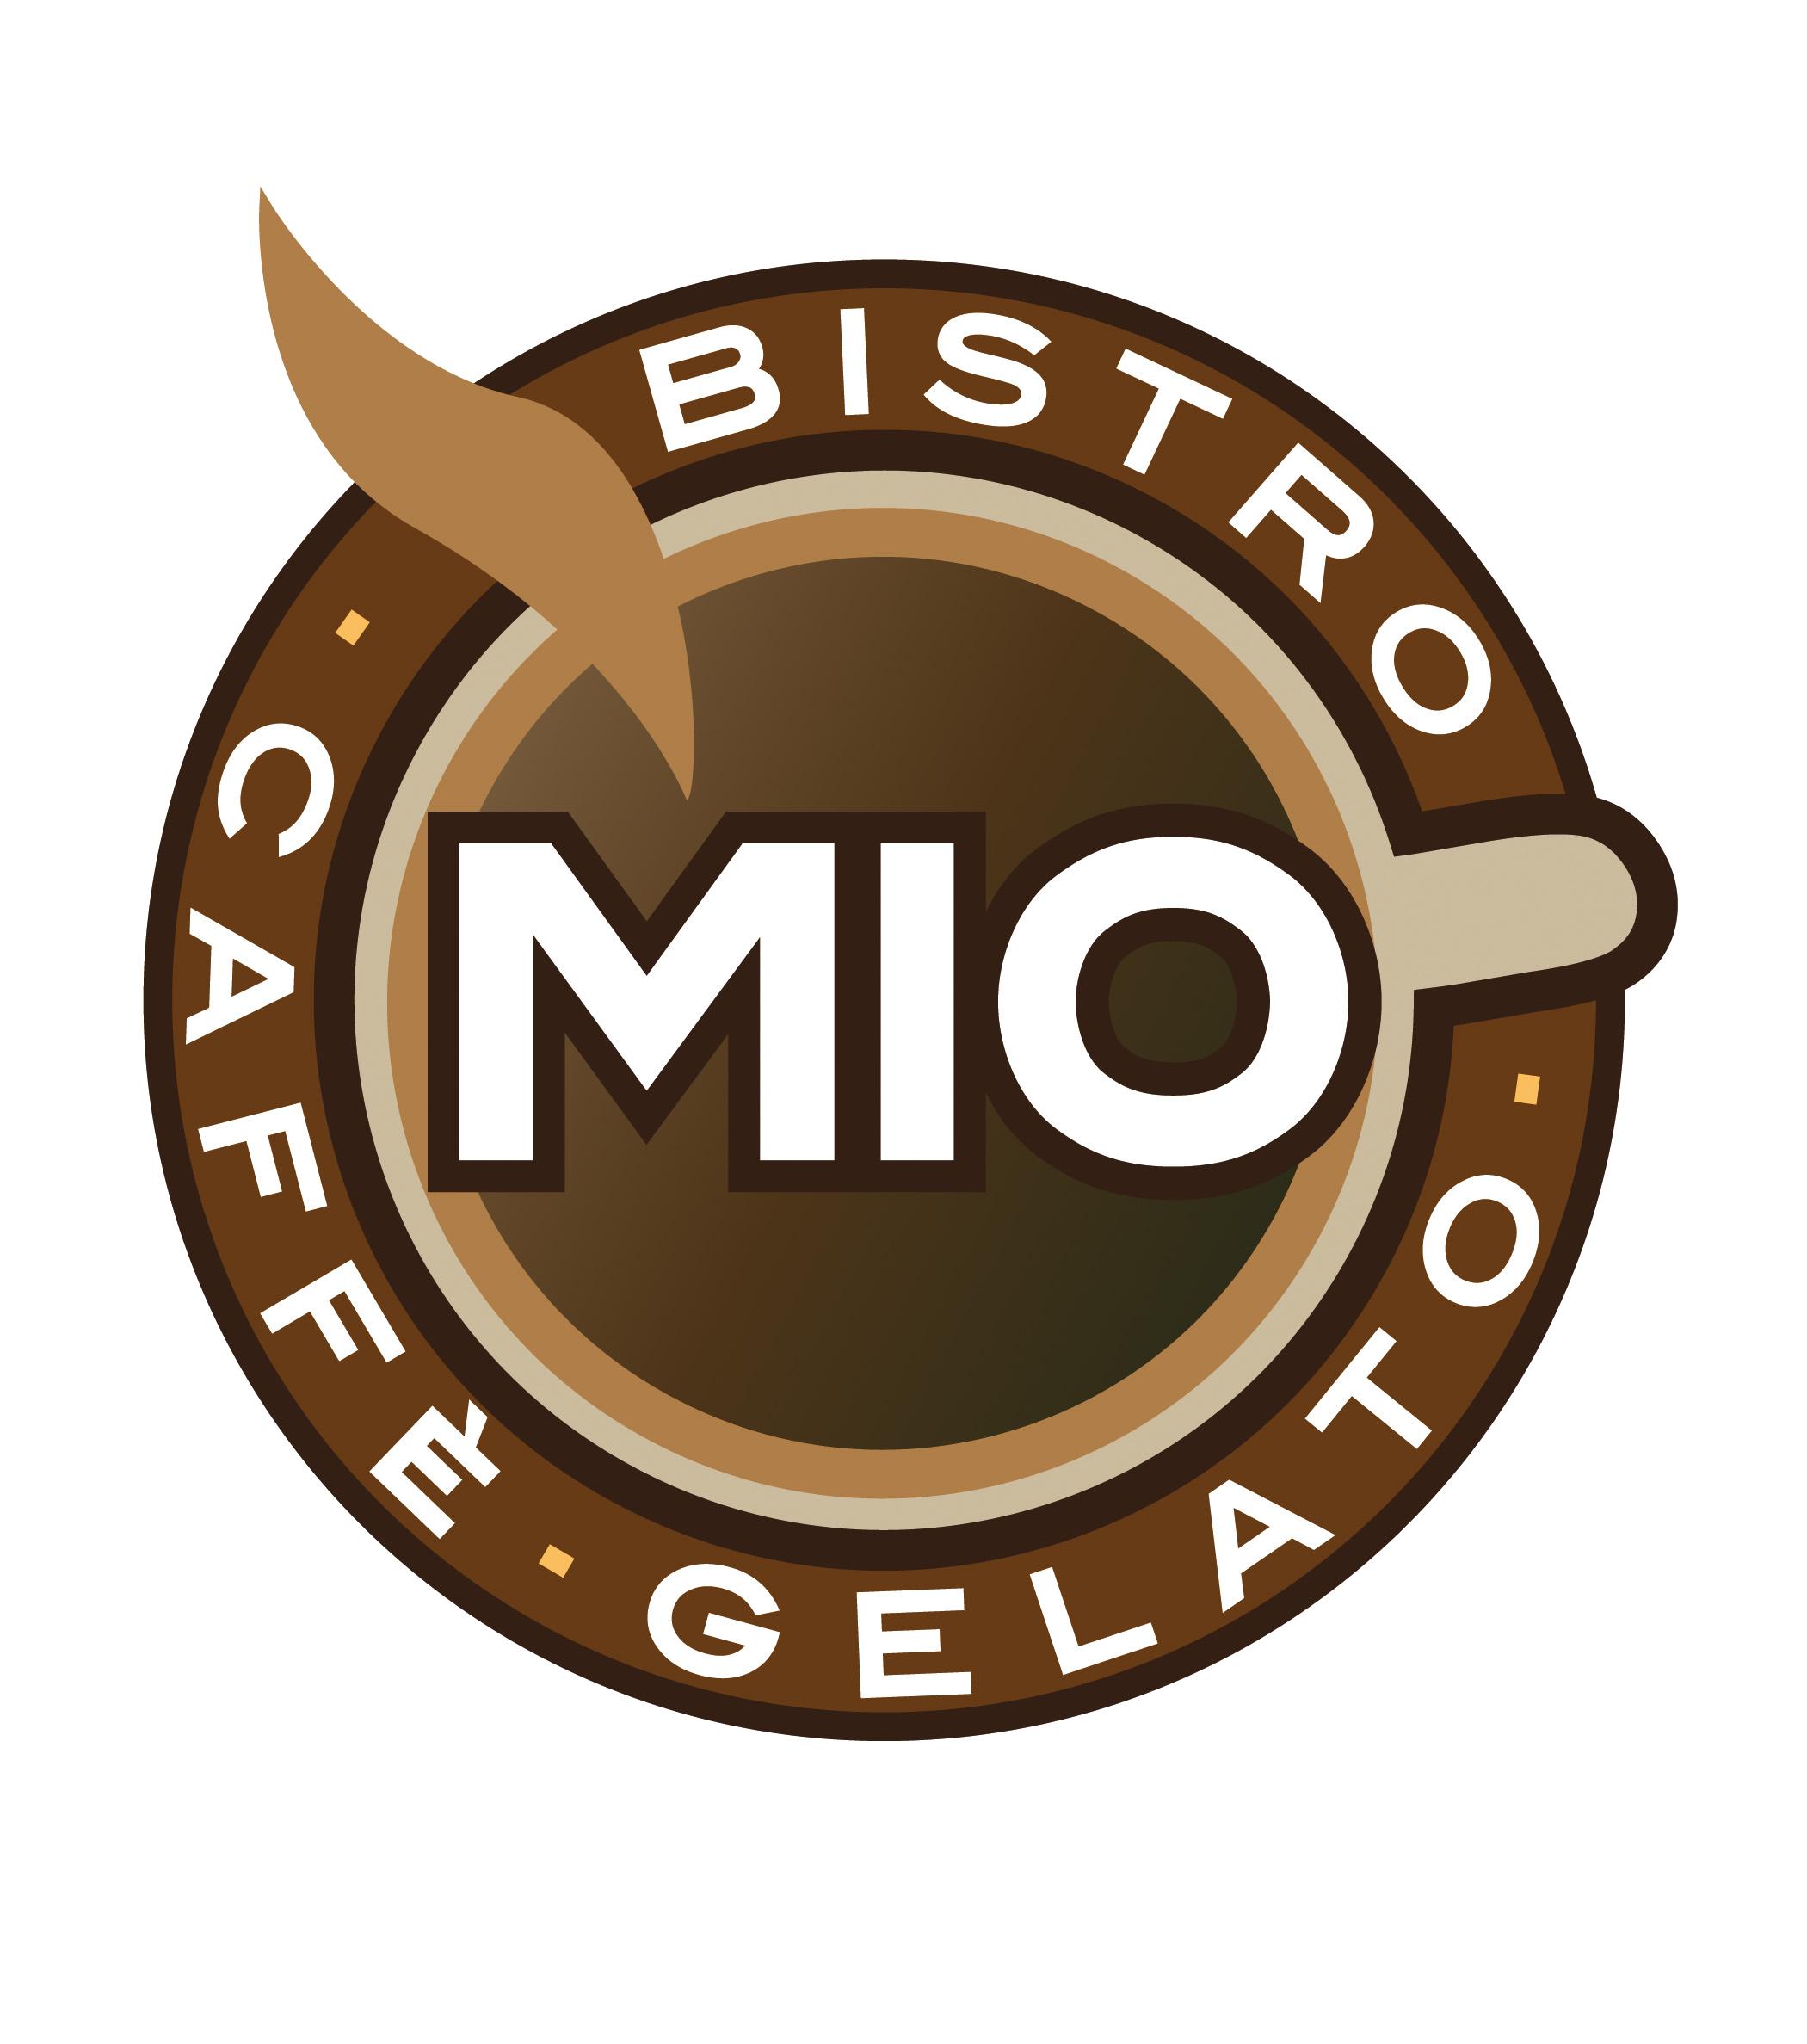 MIO Bistro Caffé Gelato - Die Eisdiele in Westerland auf Sylt